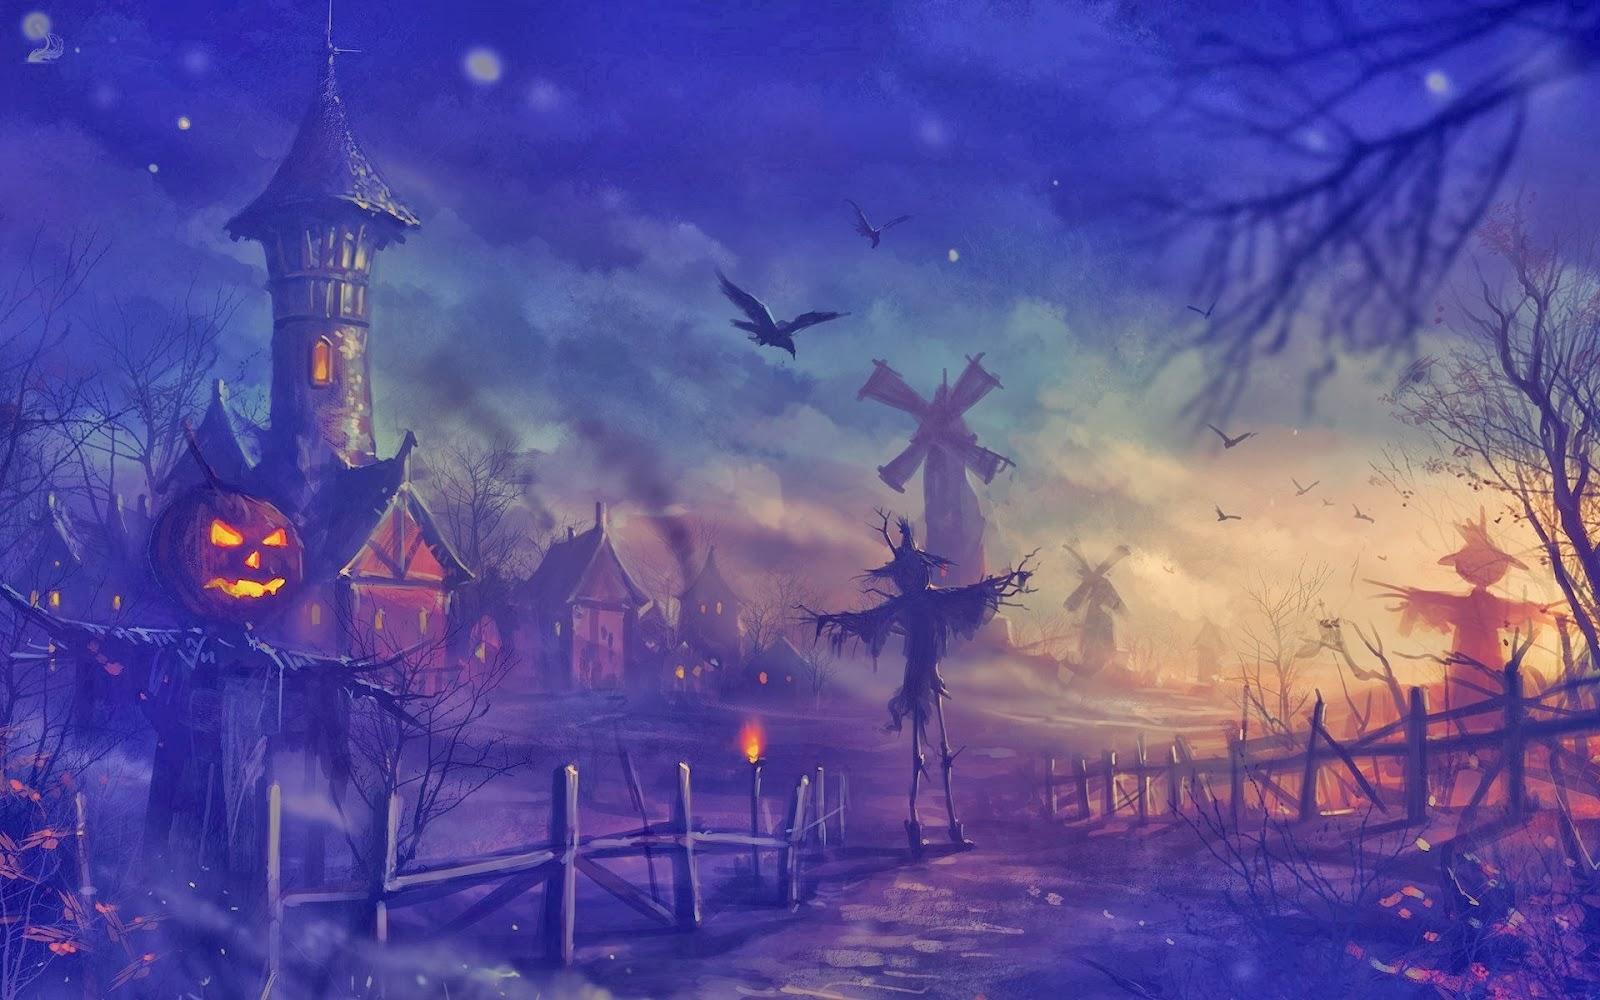 halloween-kastil-labu-gagak-orang-orangan sawah-rumah-kincir angin-wallpaper-1920x1200